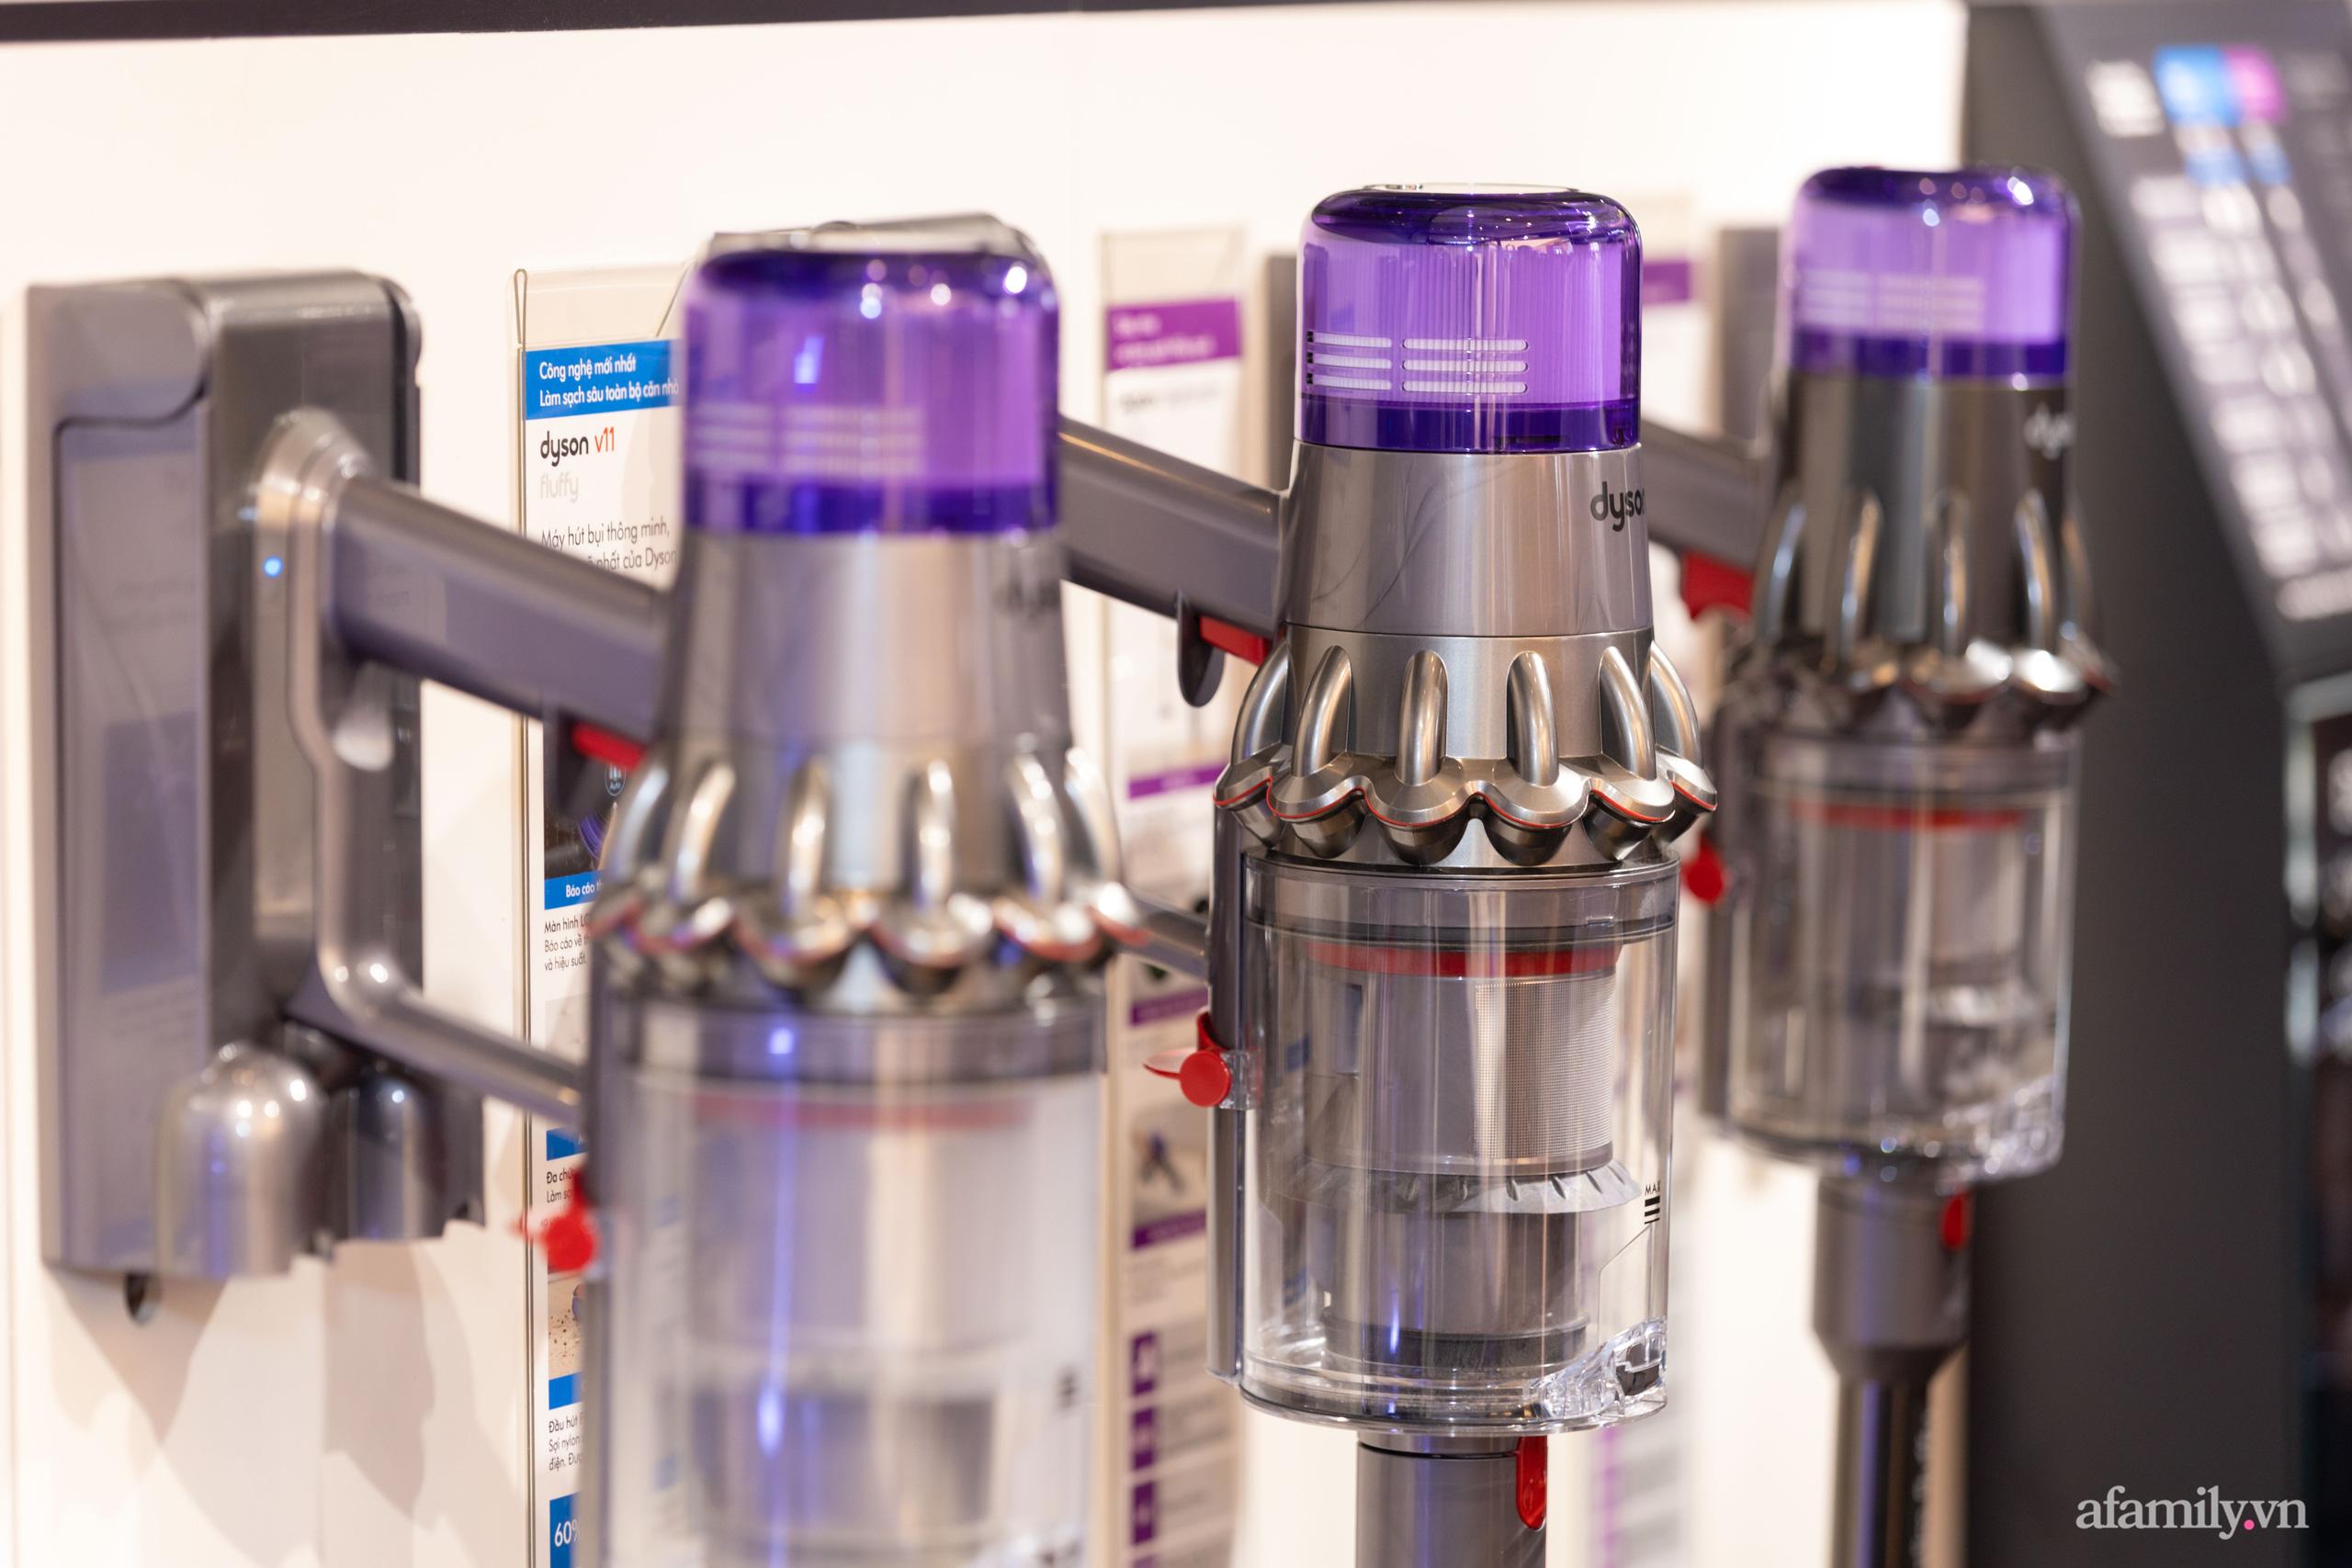 Dyson khai trương cửa hàng đầu tiên tại Việt Nam: Từ máy sấy tóc, quạt, máy hút bụi không cánh giá chính hãng cực tốt cho chị em  - Ảnh 12.